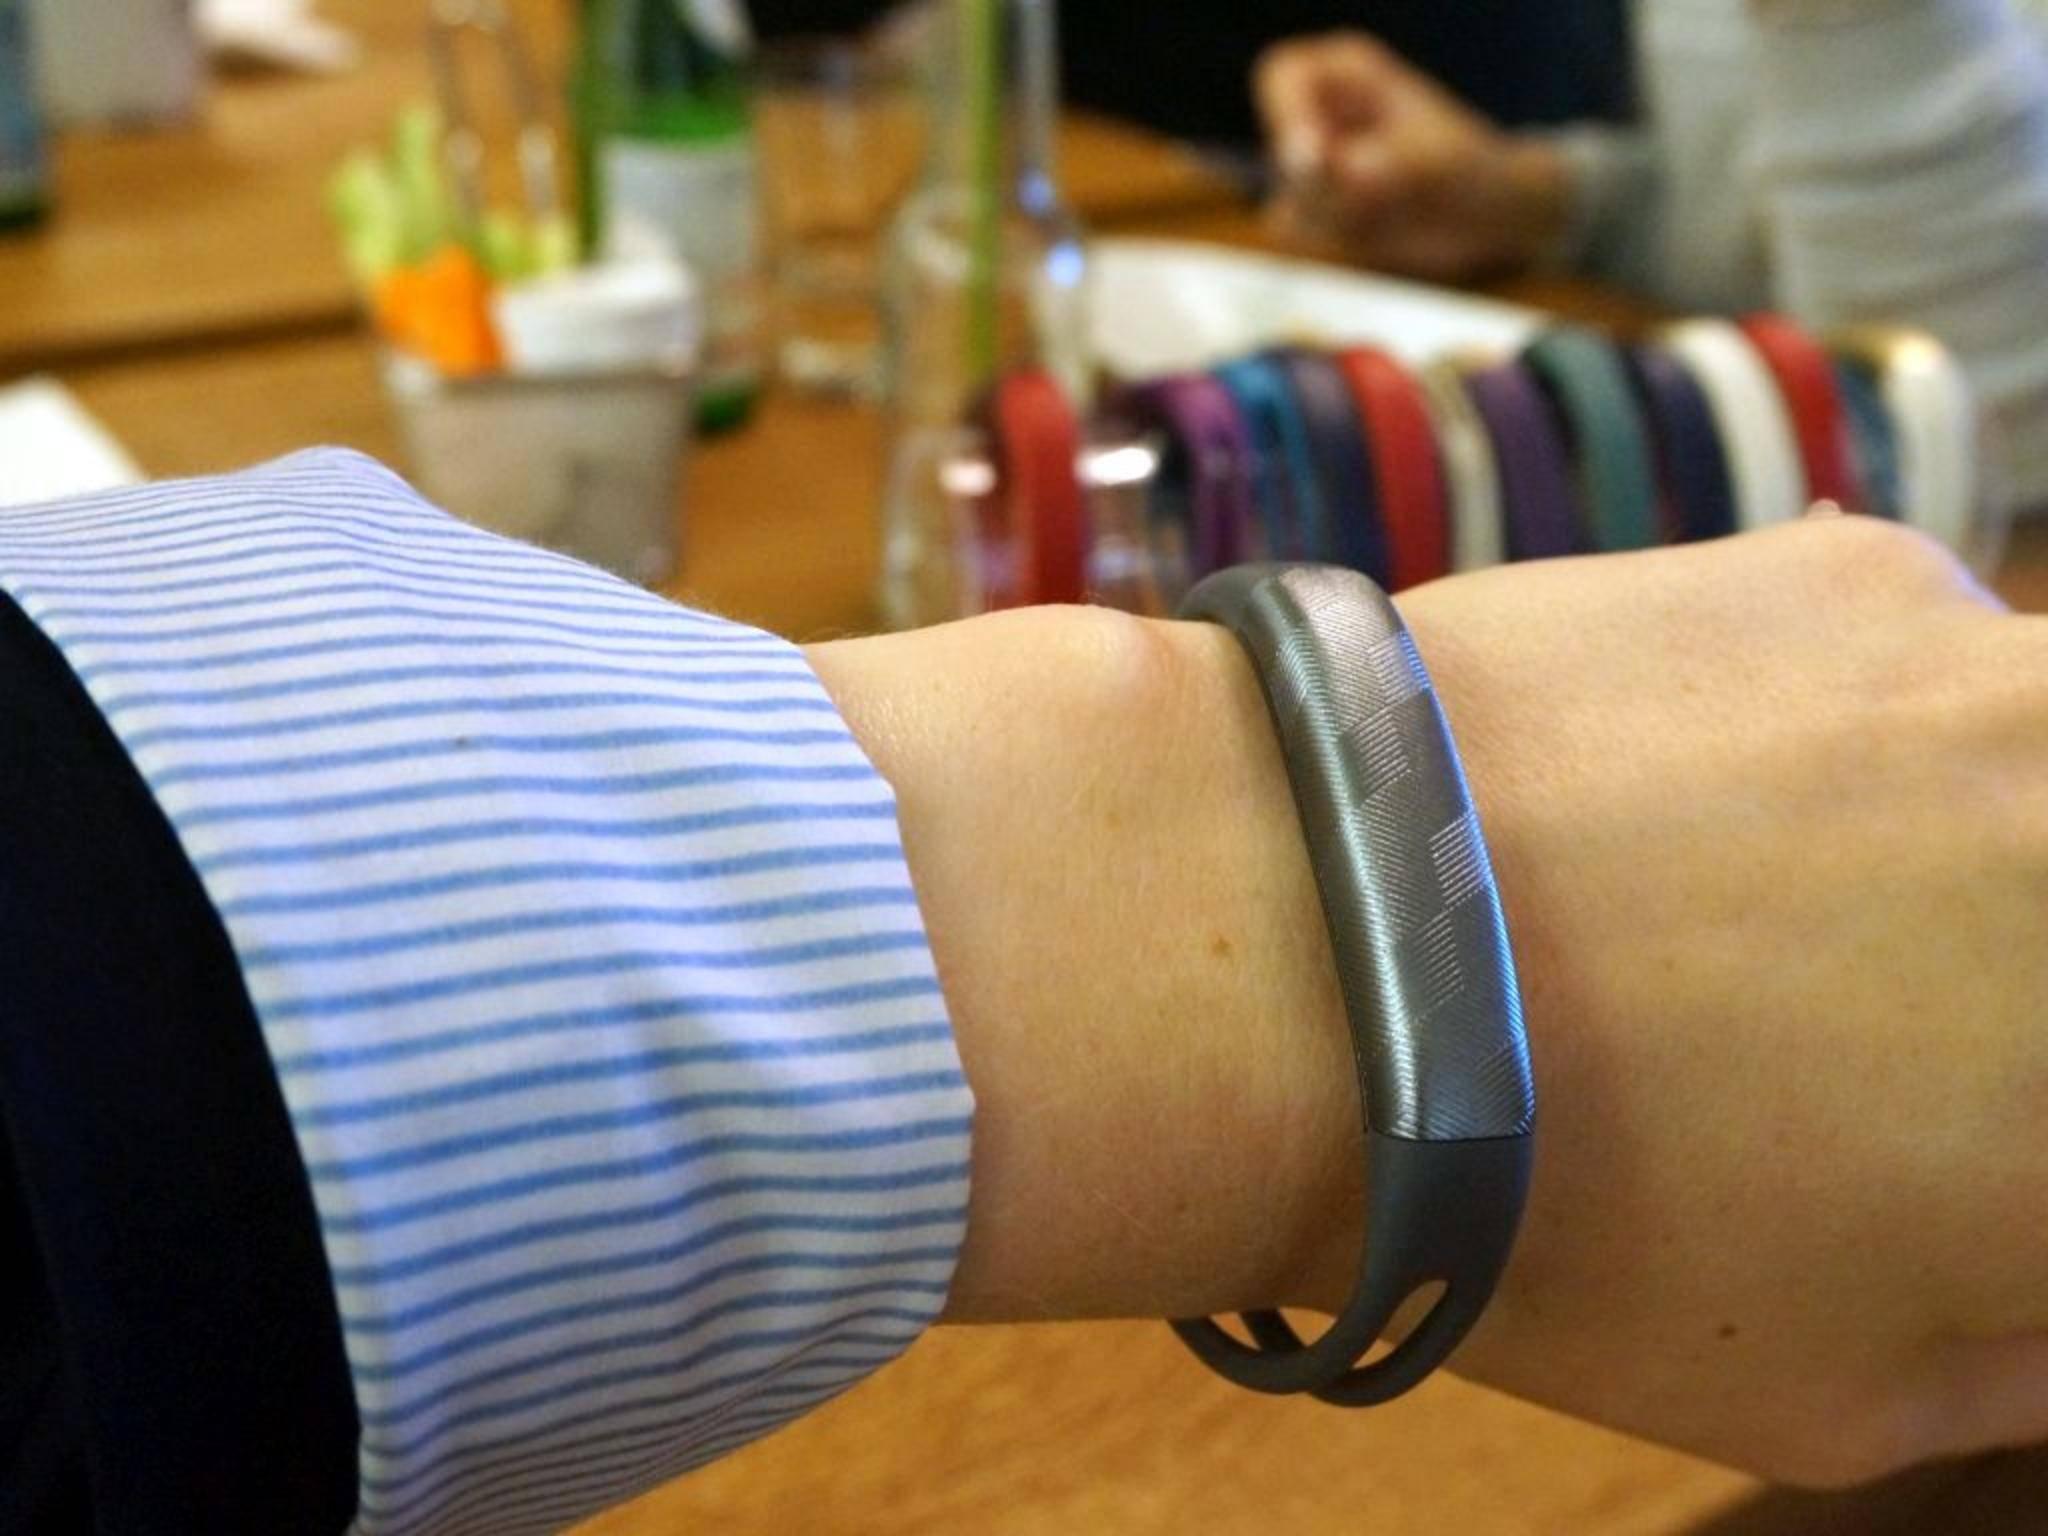 Das neue Armband trägt noch weniger auf als das alte.